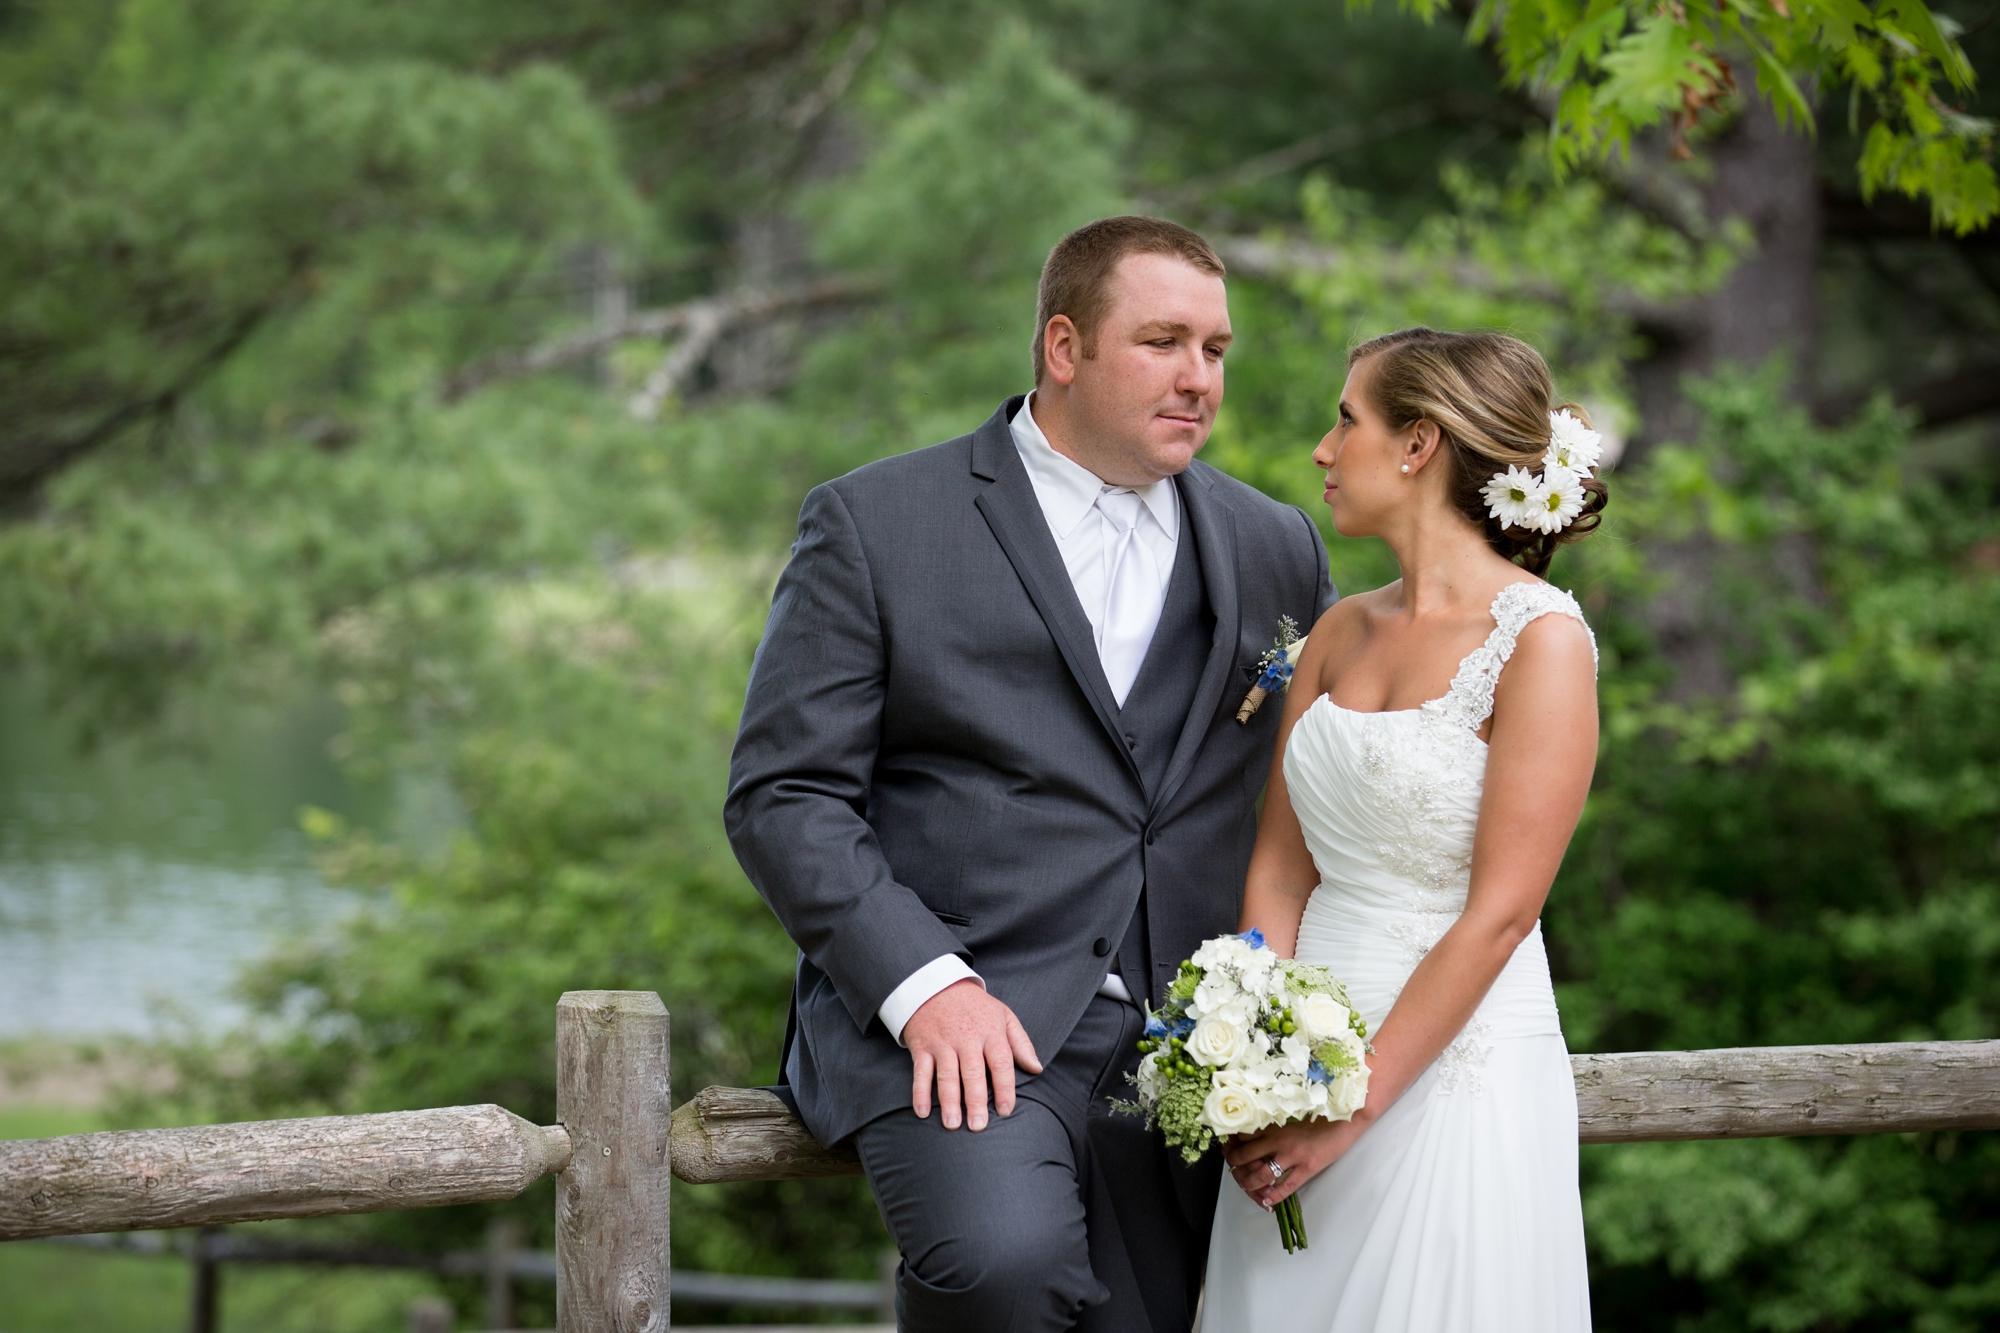 Albany NY Wedding Photographer Justin Tibbitts Photography 2014 Best of Albany NY Weddings-48953